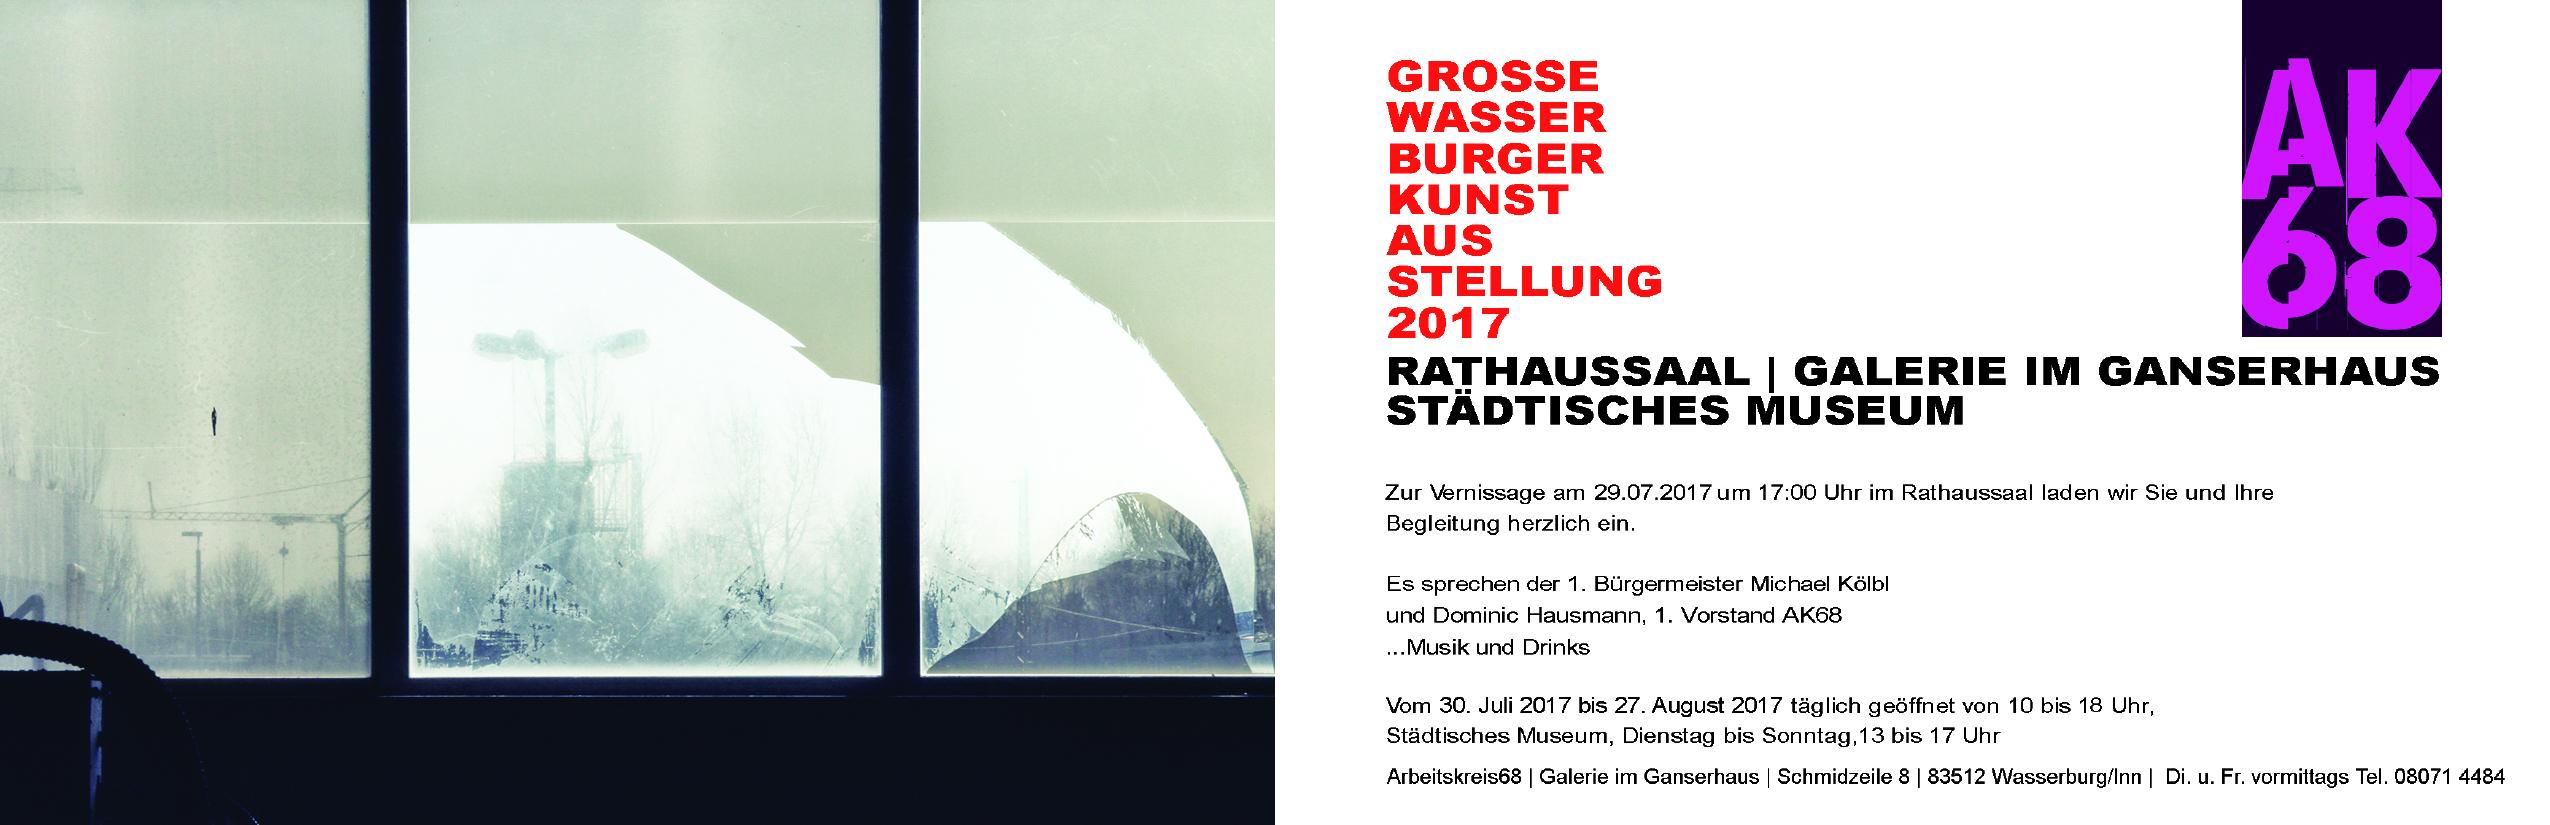 170722_Einladung_grossekunstausstellung_ak68_wasserburg